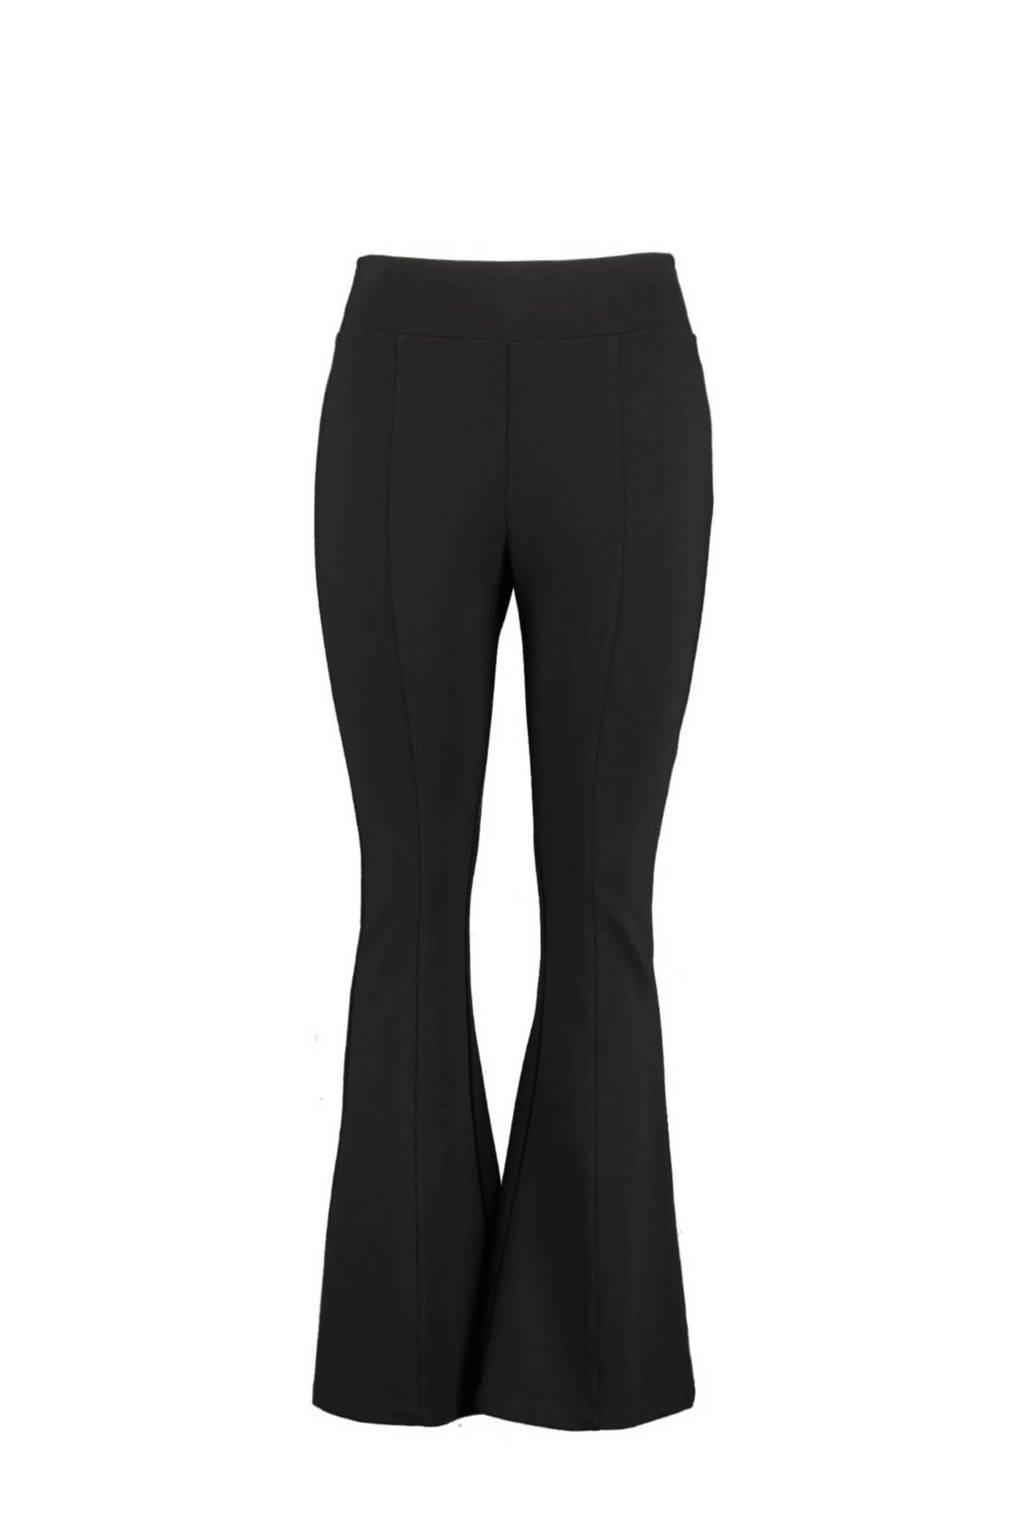 MS Mode flared legging zwart, Zwart